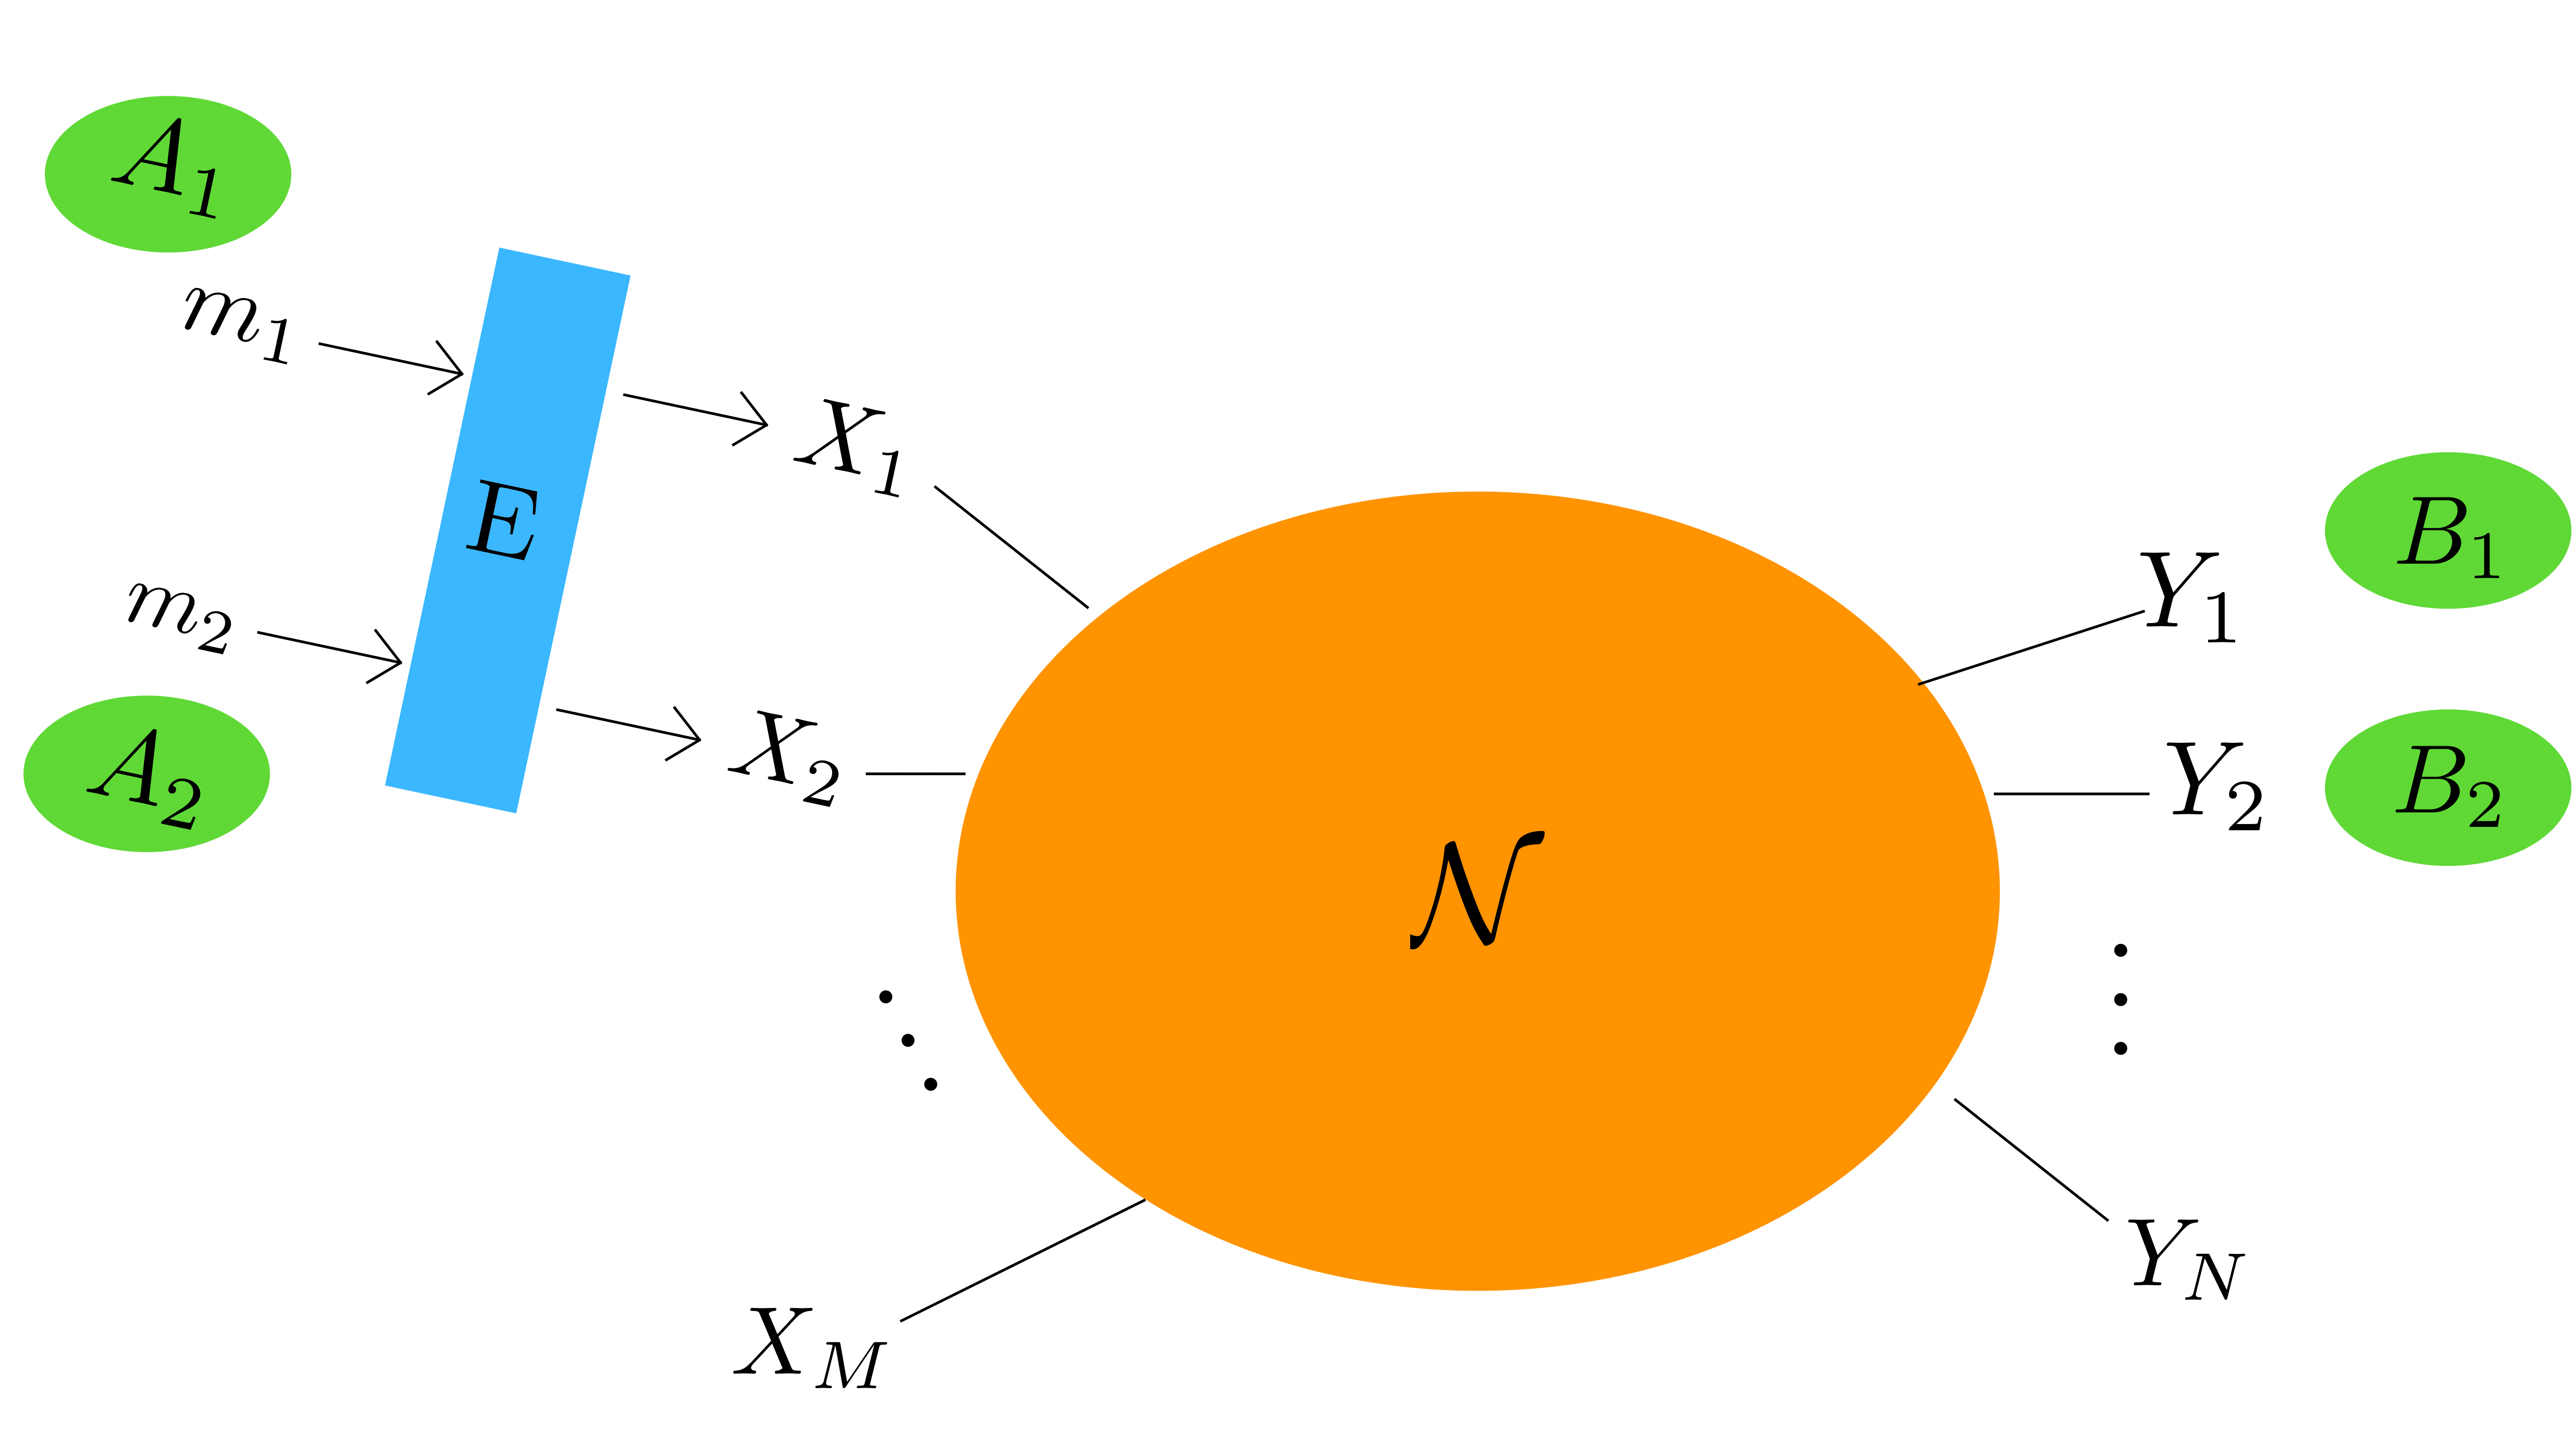 그림 1. m + n 파티로 구성된 네트워크에서, 두 명 송신자 A1A2는 수신자 B1B2와 통신을 수행한다. 송신자는 네트워크 코딩에서 비국소성, 양자확률, 국소성의 자원을 활용한다.